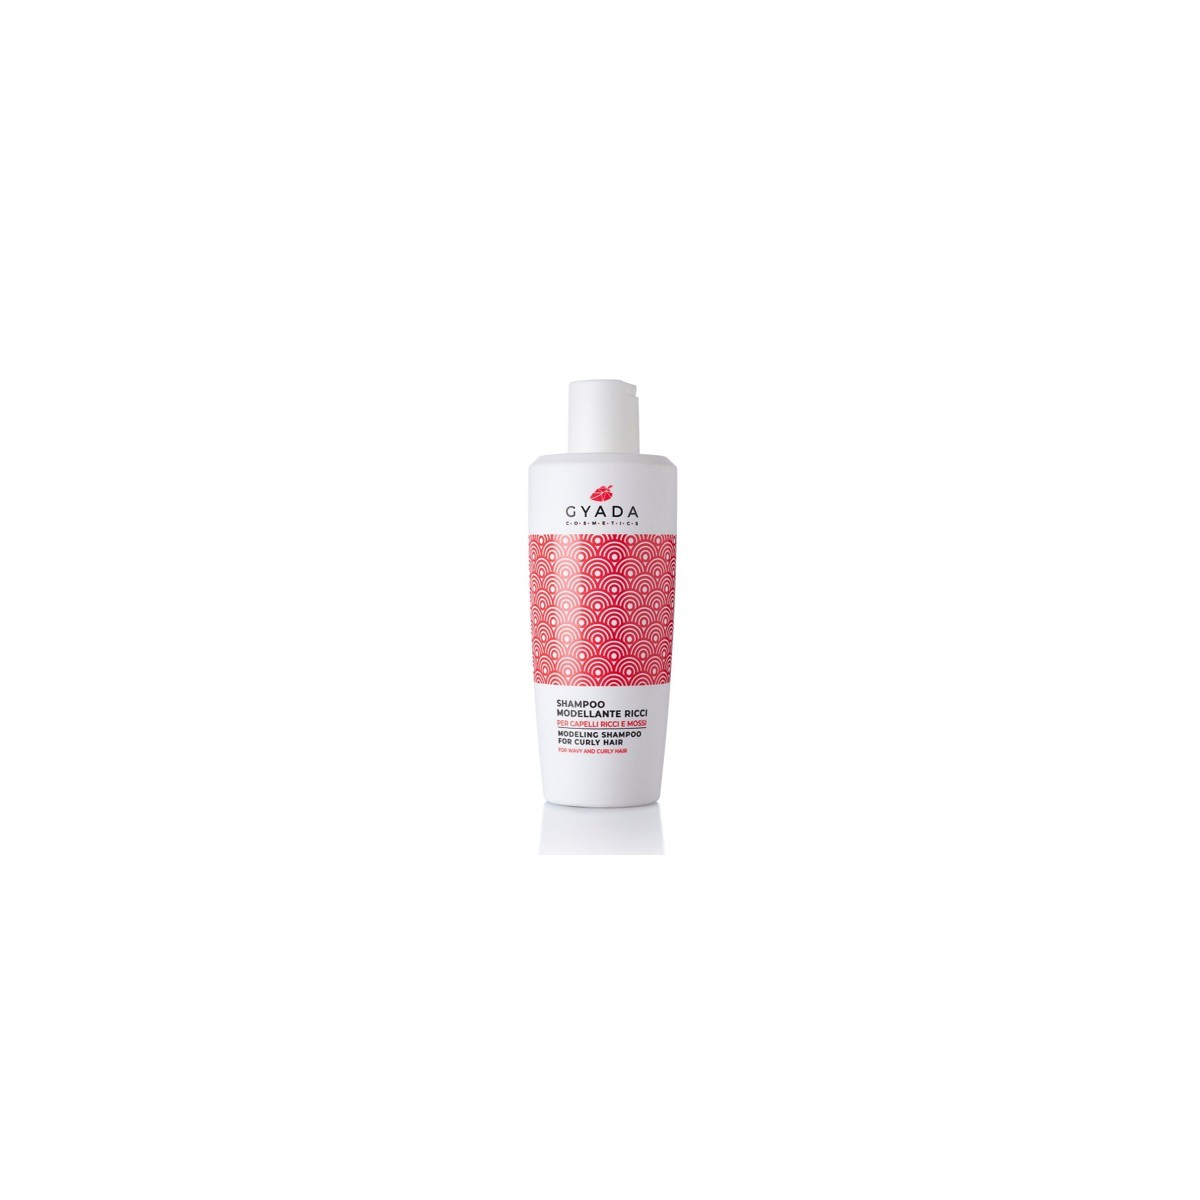 Gyada Curl Defining Shampoo